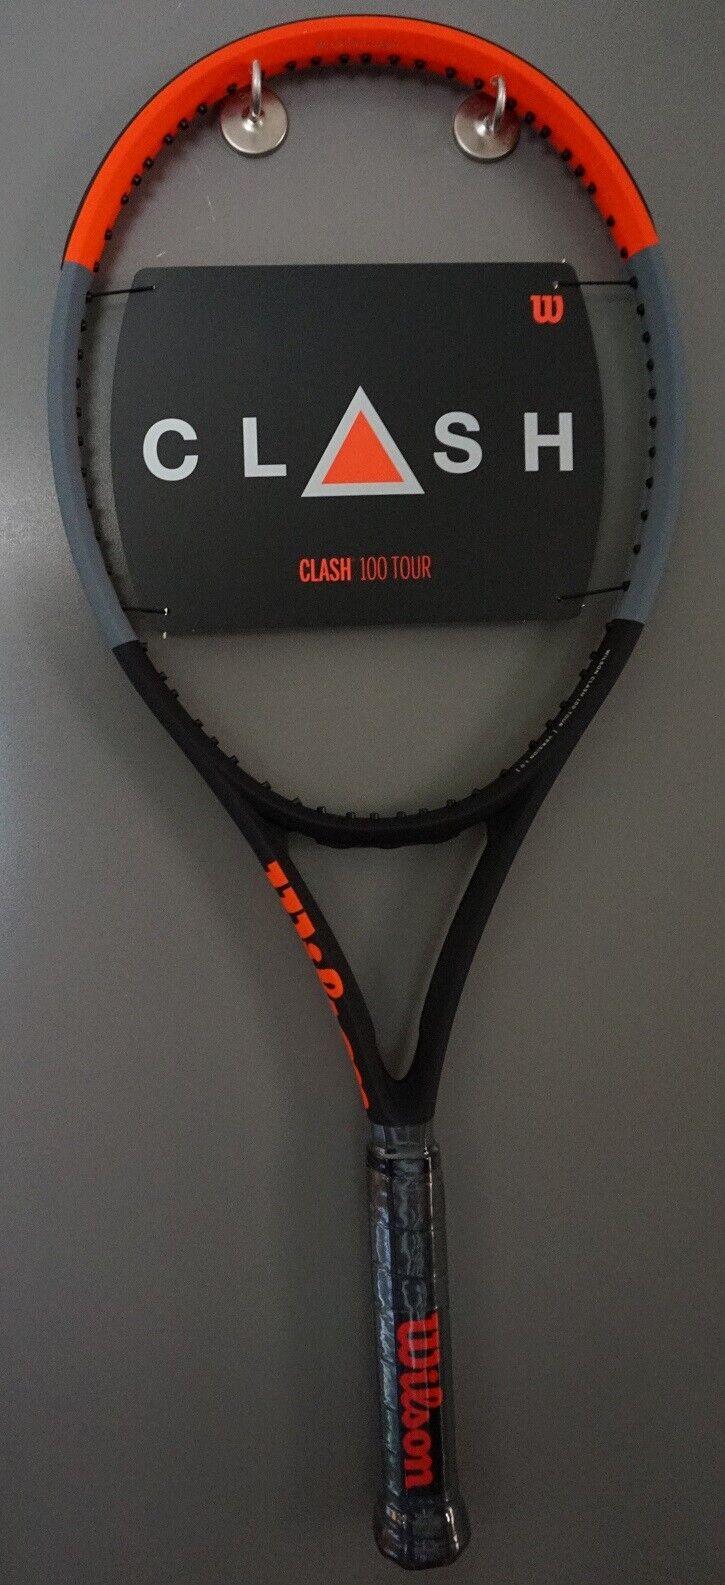 Nuevo enfrentamiento 100 Tour Tenis Raqueta Wilson 4 1 4 raqueta de L2 16x19 2019